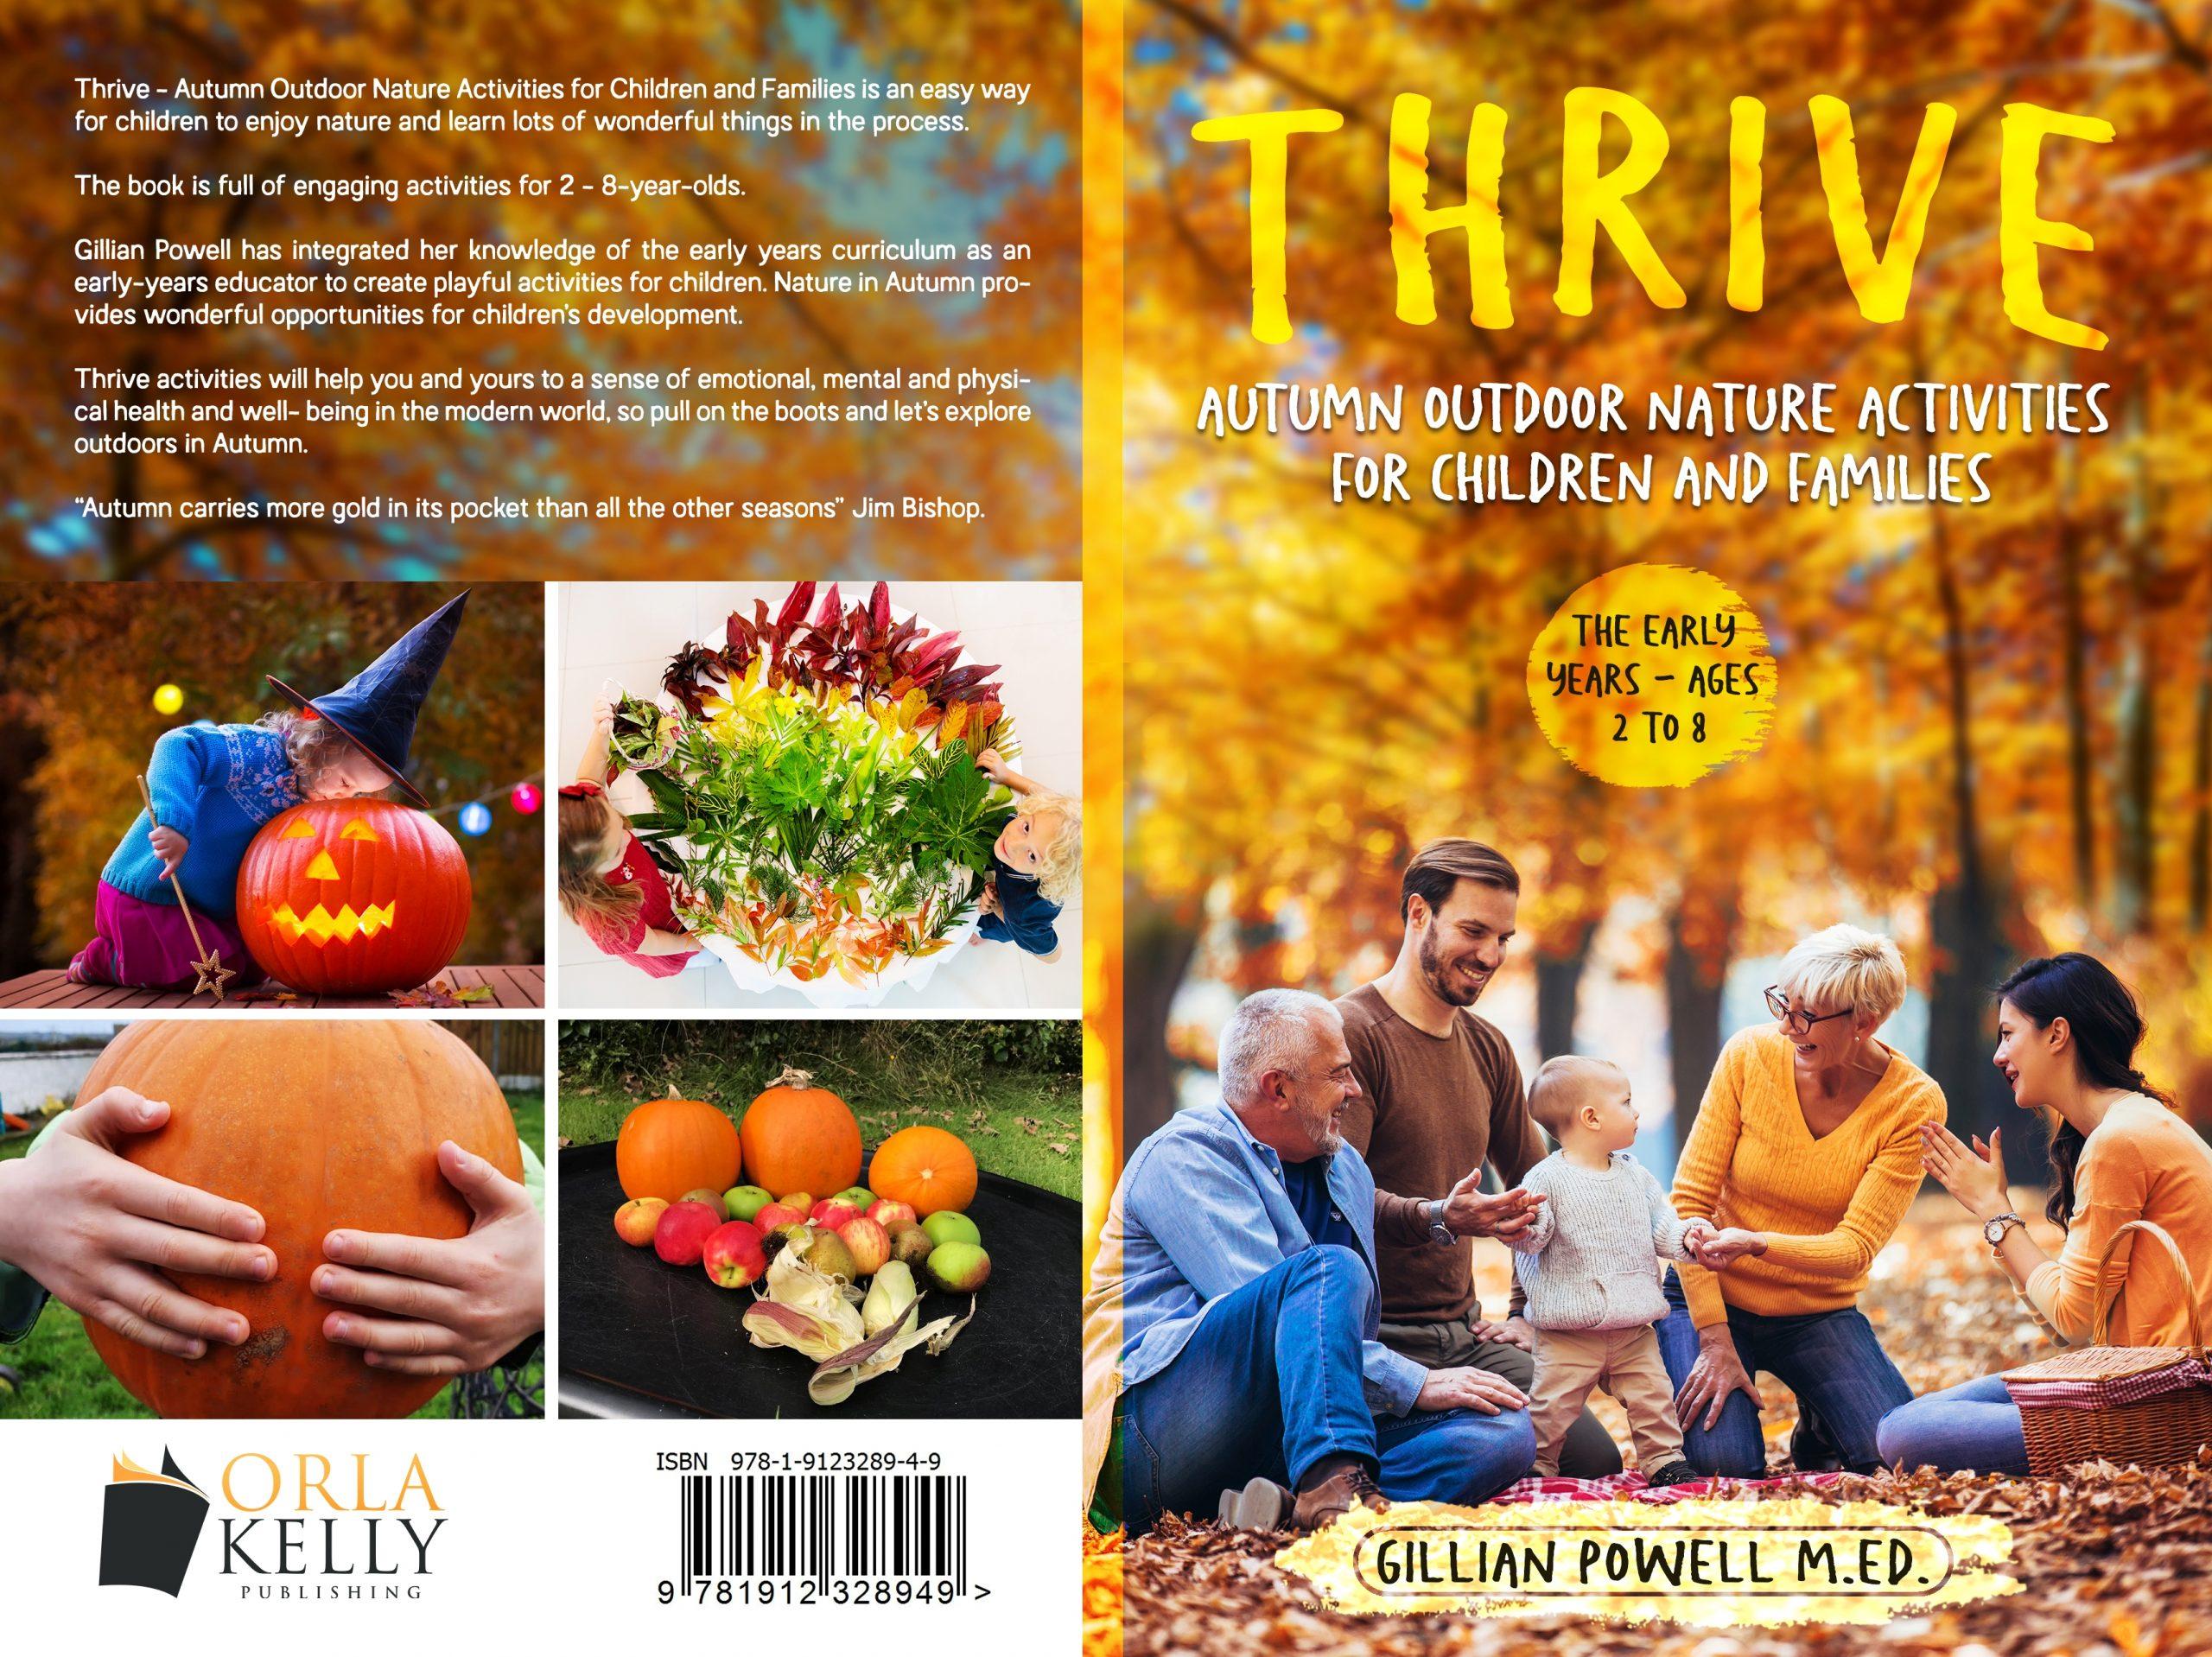 Thrive Autumn